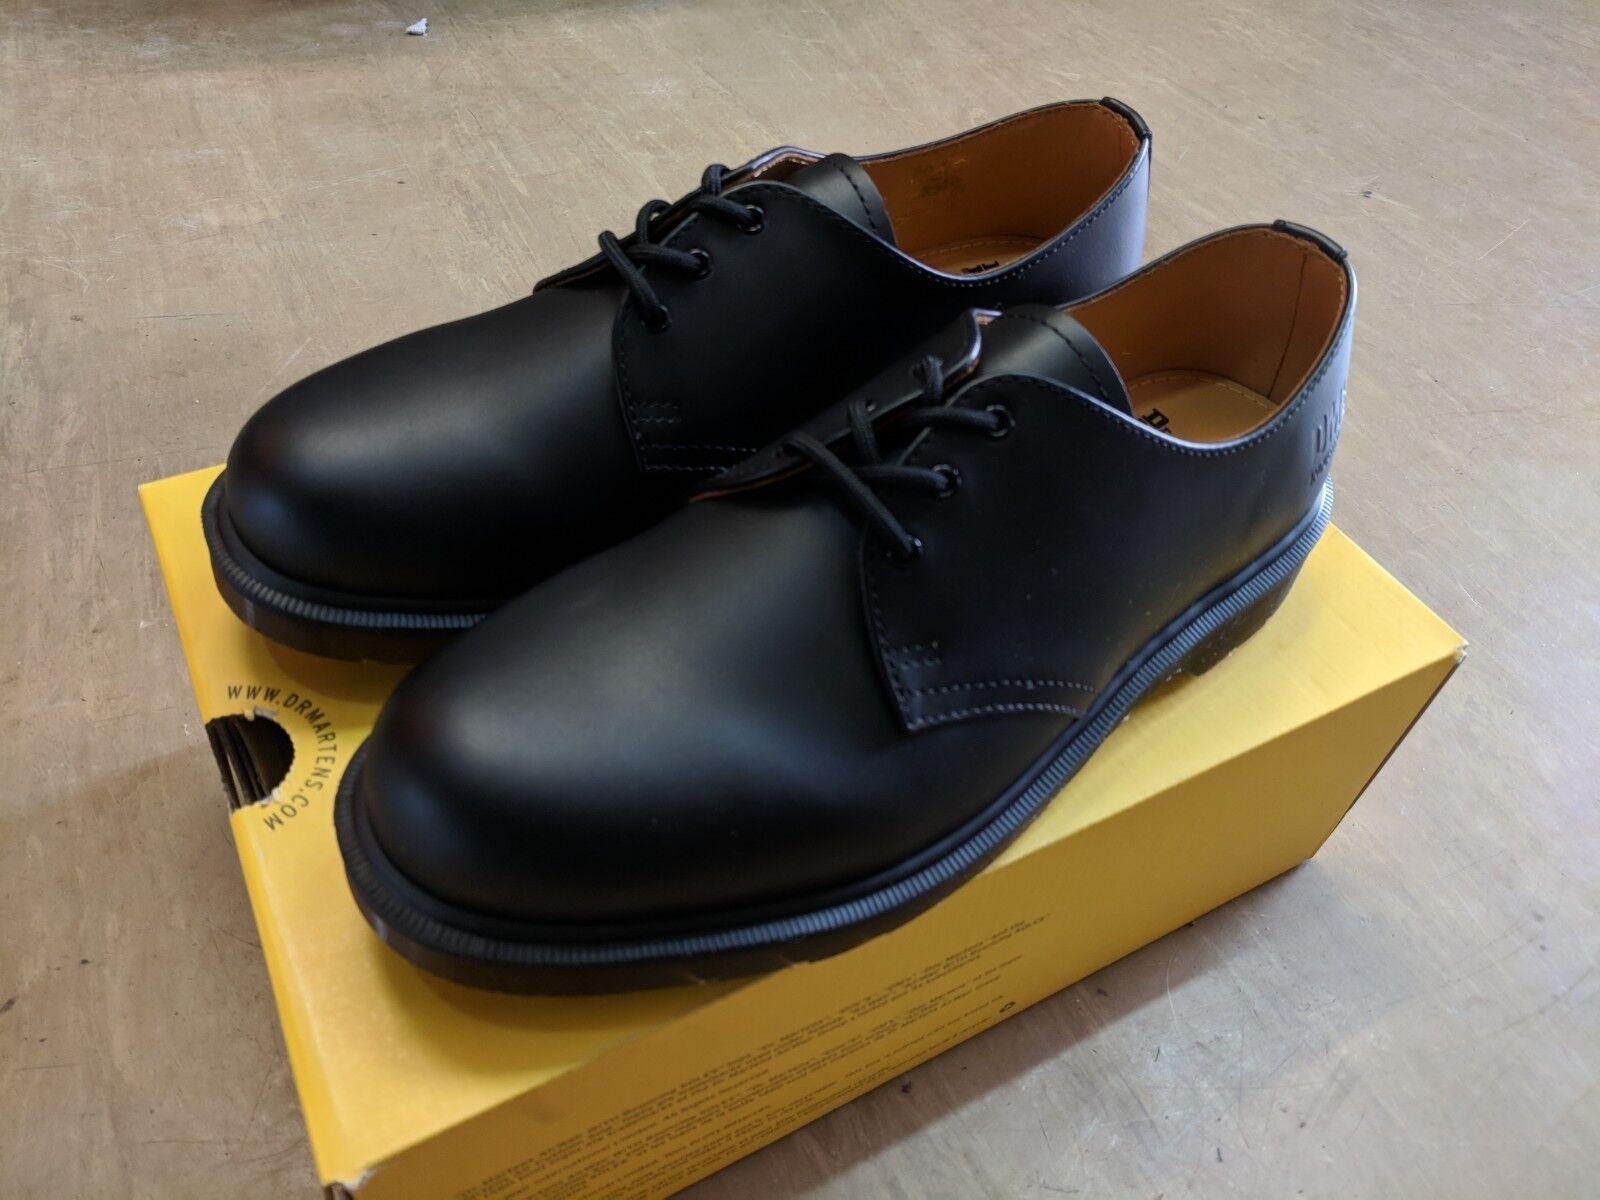 Nuevo Dr Martens industrial AirWair Cuero Negro Acero no trabajo zapatos talla 7 Reino Unido